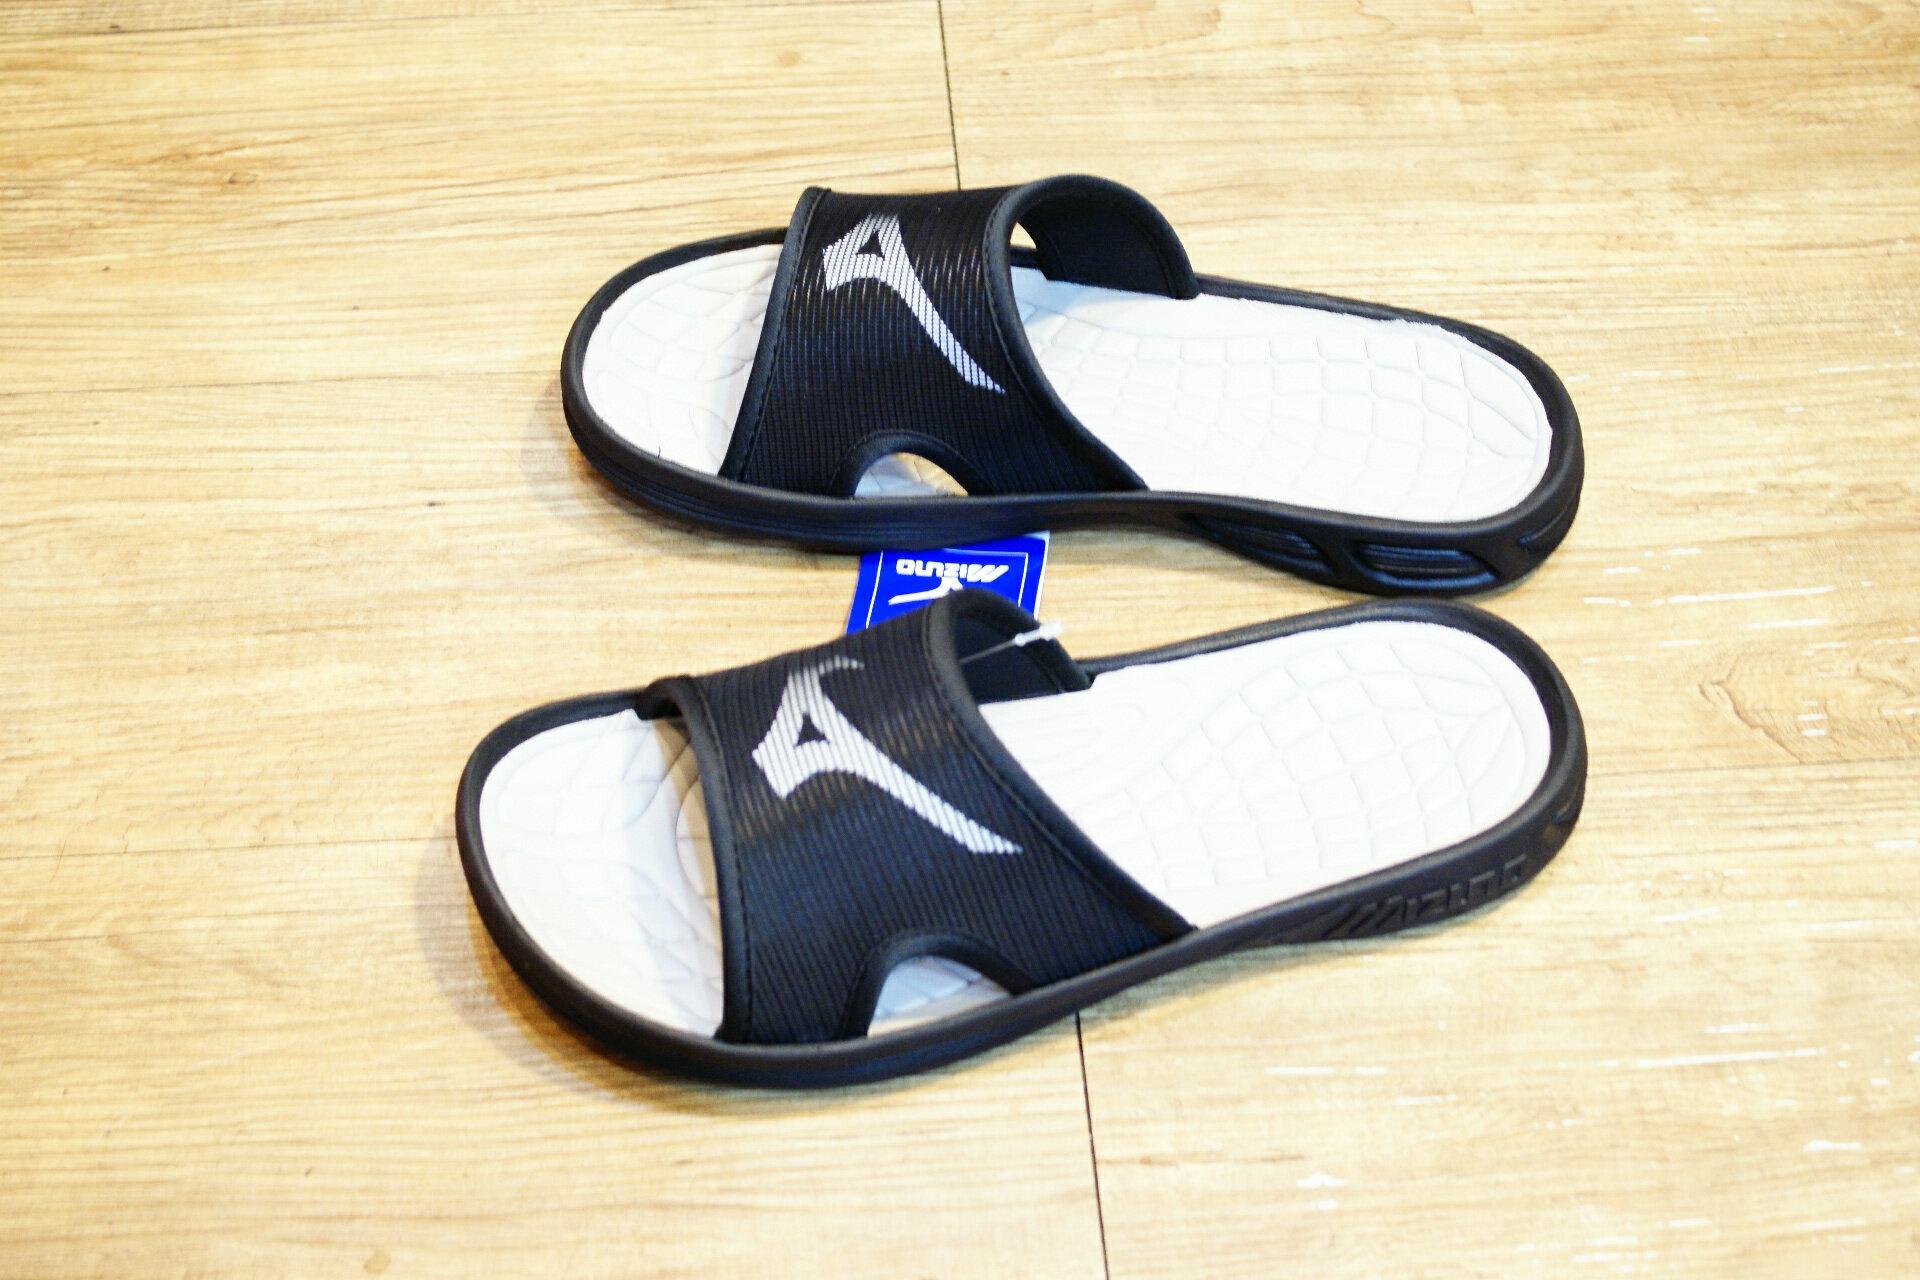 棒球世界全新MIZUNO美津濃運動拖鞋 黑色特價